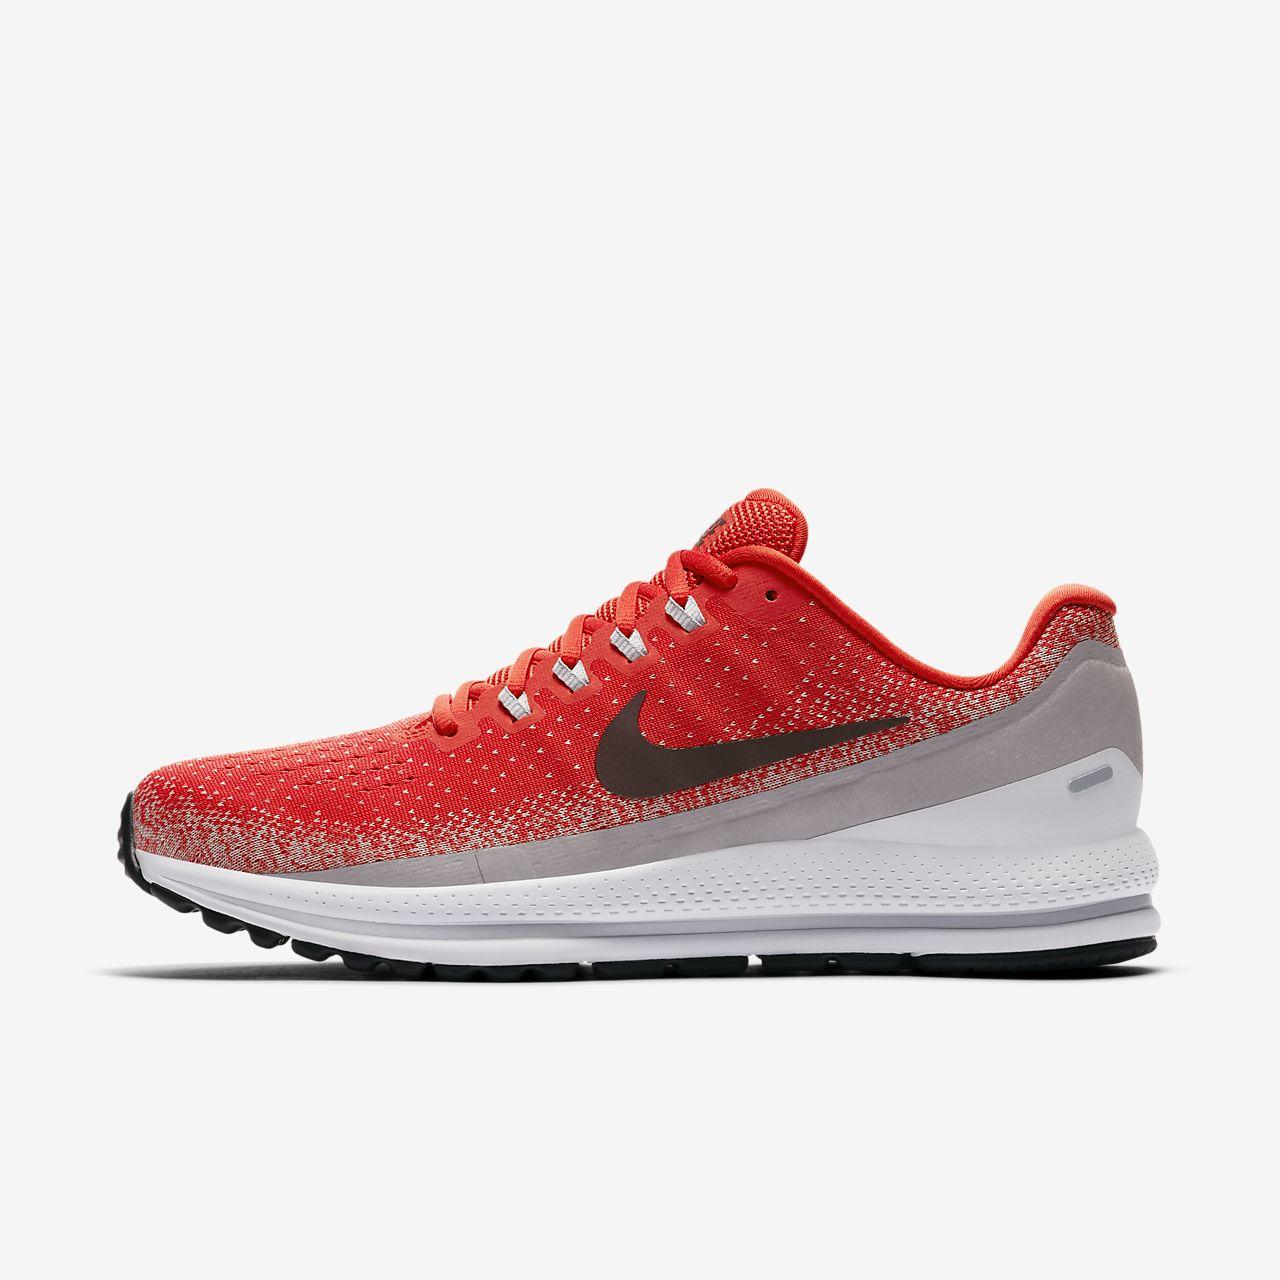 Acquista scarpe nike vomero - OFF41% sconti 26685bdb3d4